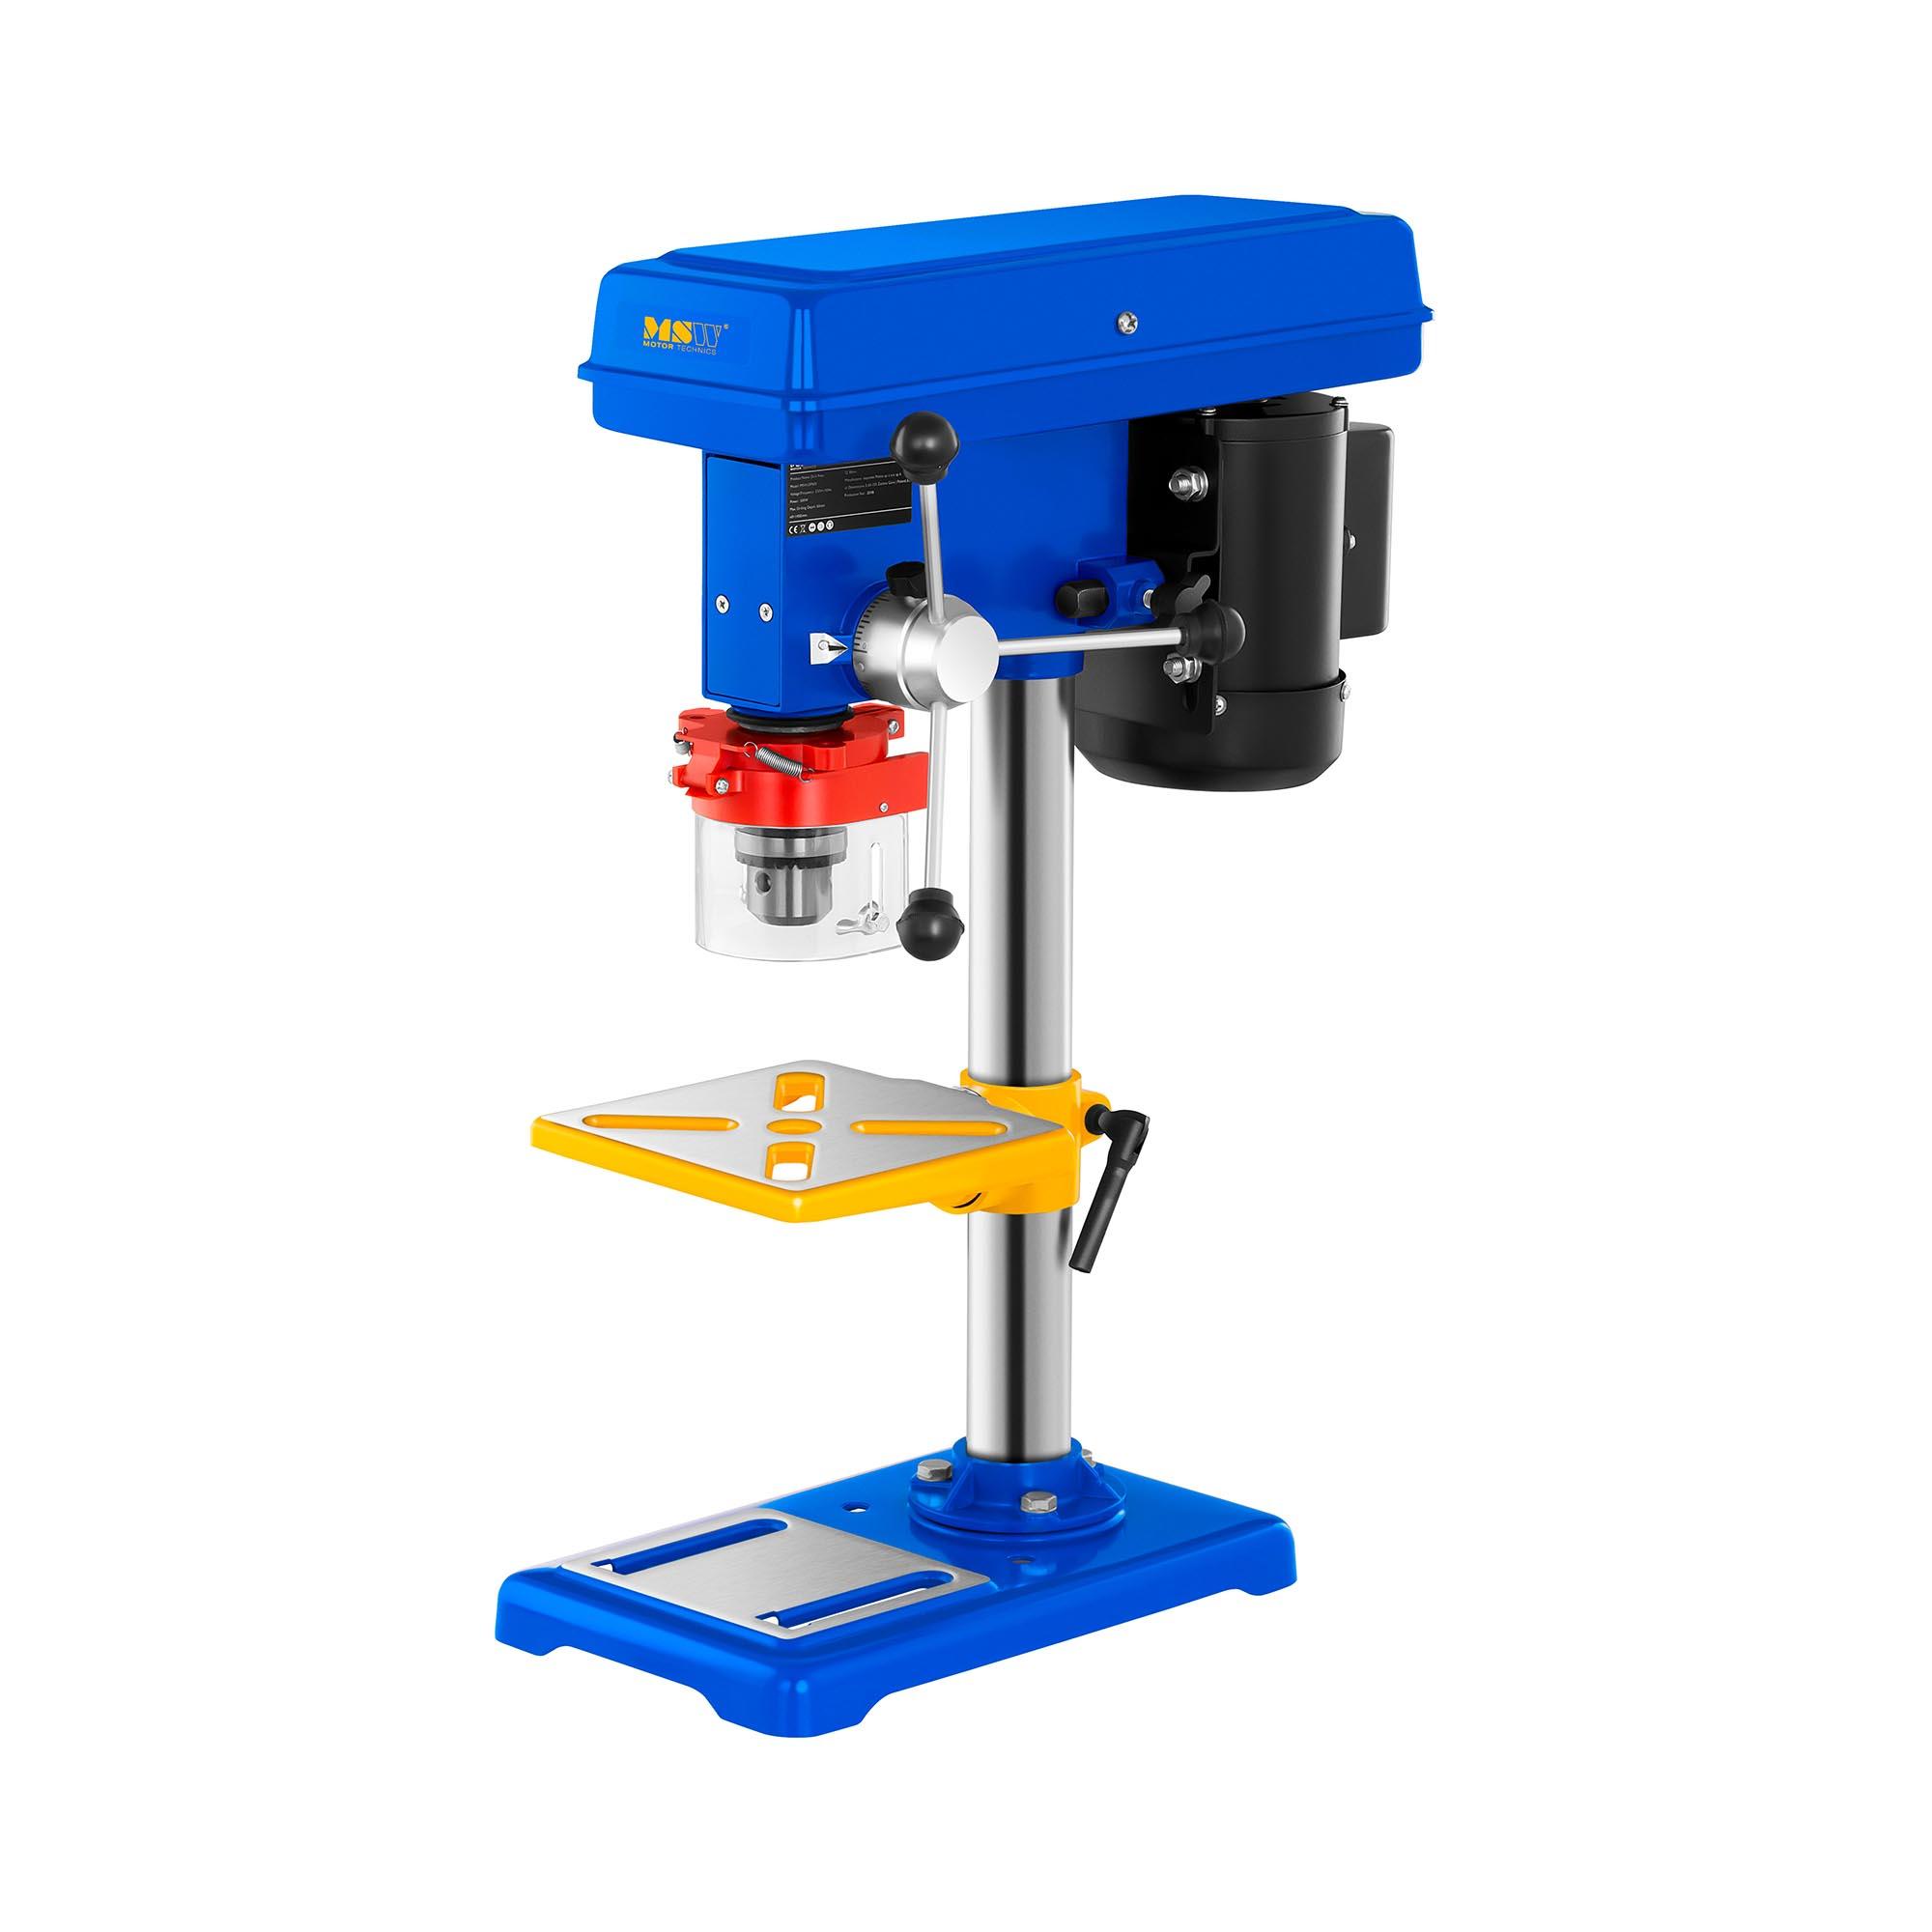 MSW Ständerbohrmaschine - 500 W - 9 Leistungsstufen 10060489